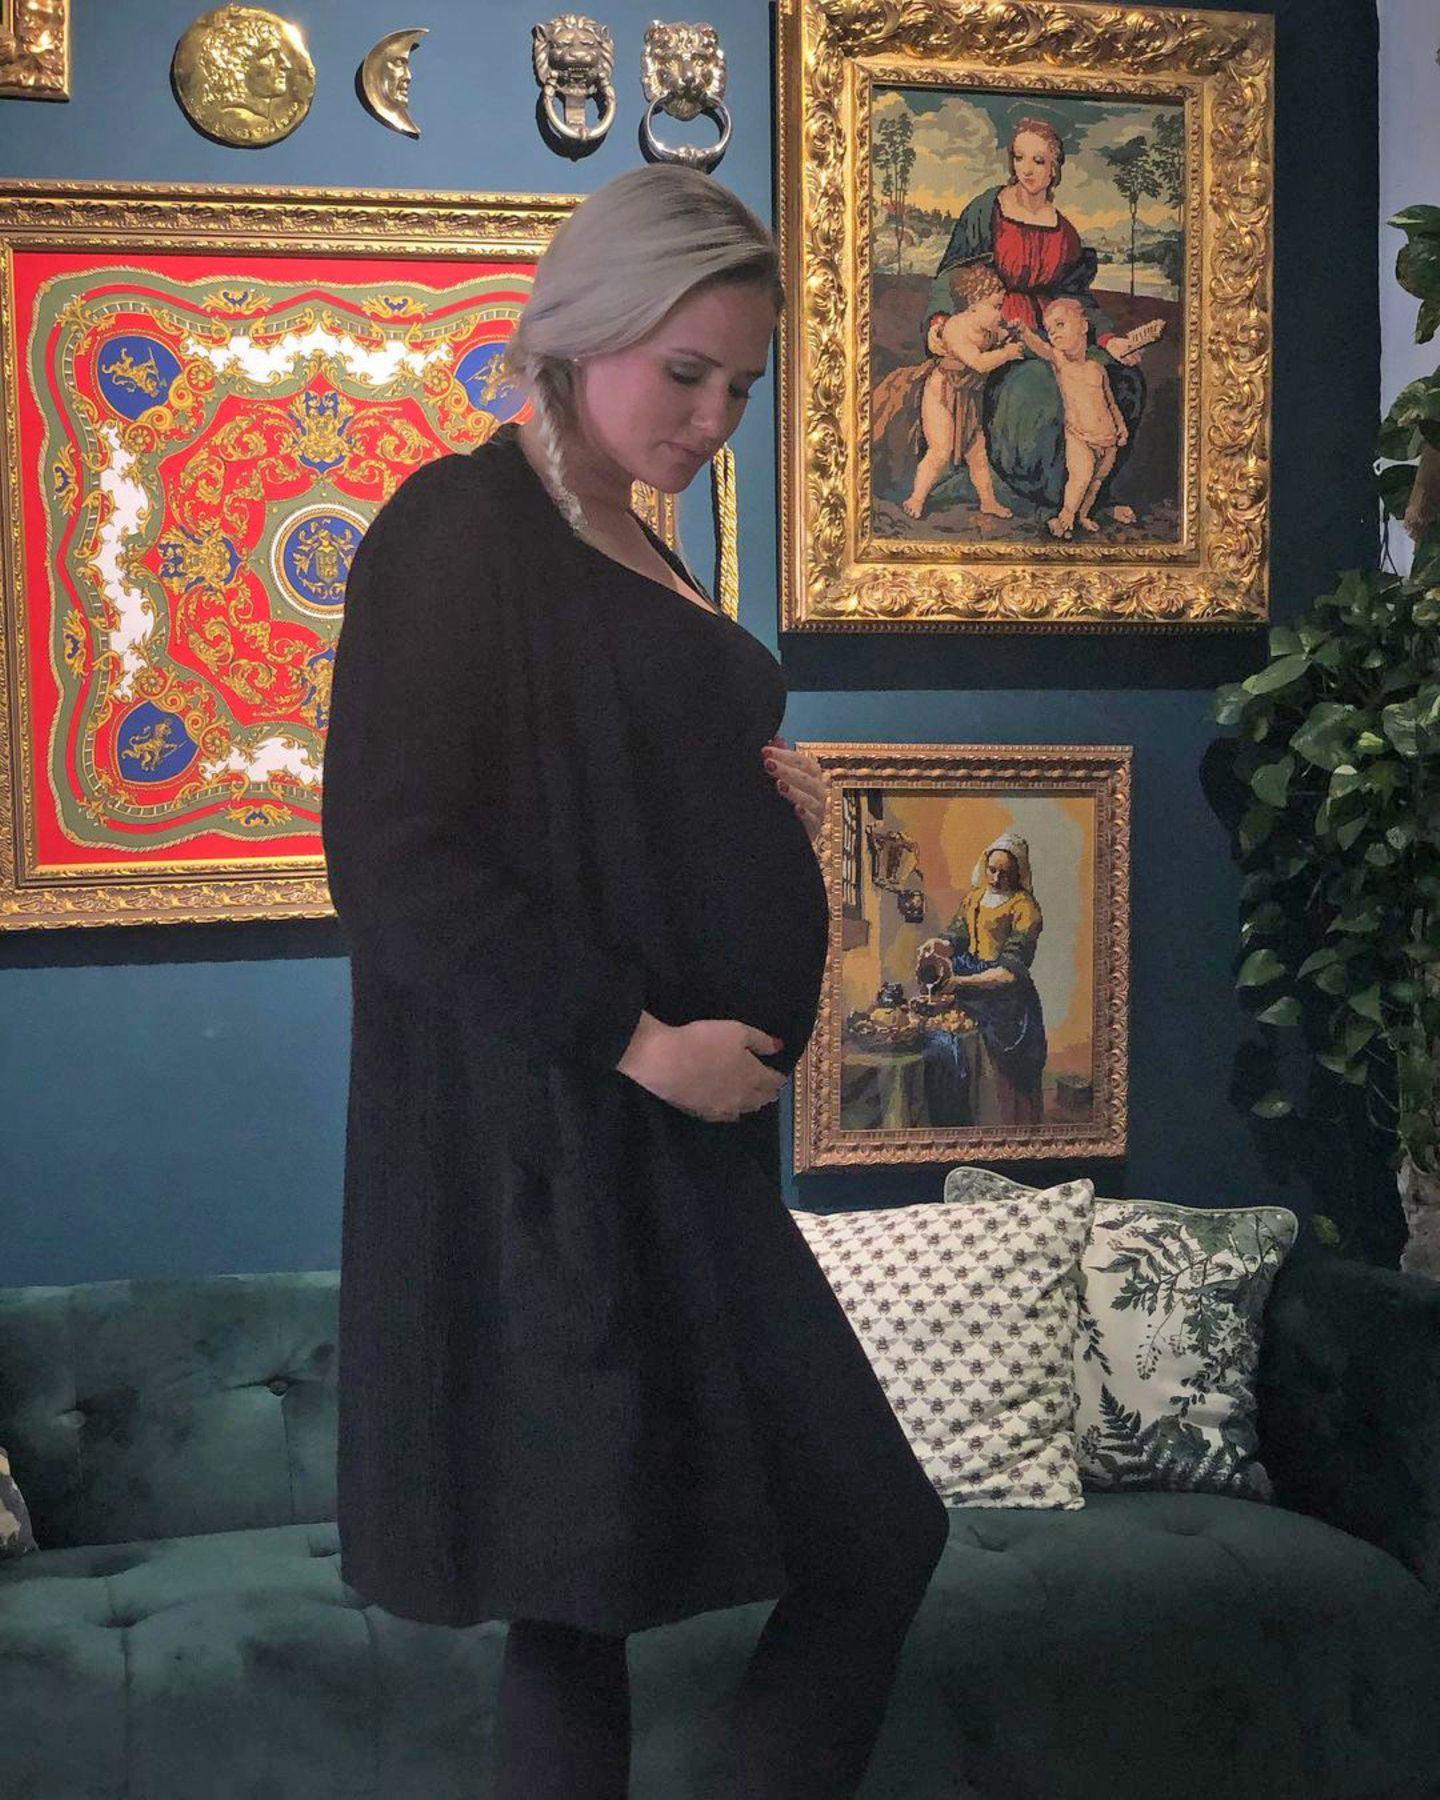 Sarah Knappik ist mittlerweile im achten Monat schwanger und das macht sich bei dem TV-Star so langsam bemerkbar. Auf Instagram verrät Sarah, dass jetzt der Punkt gekommen sei, an dem sie ihre Füße nicht mehr sehen könne. Lange dauert es nicht mehr, und sie kann endlich ihr erstes Kind in den Armen halten.